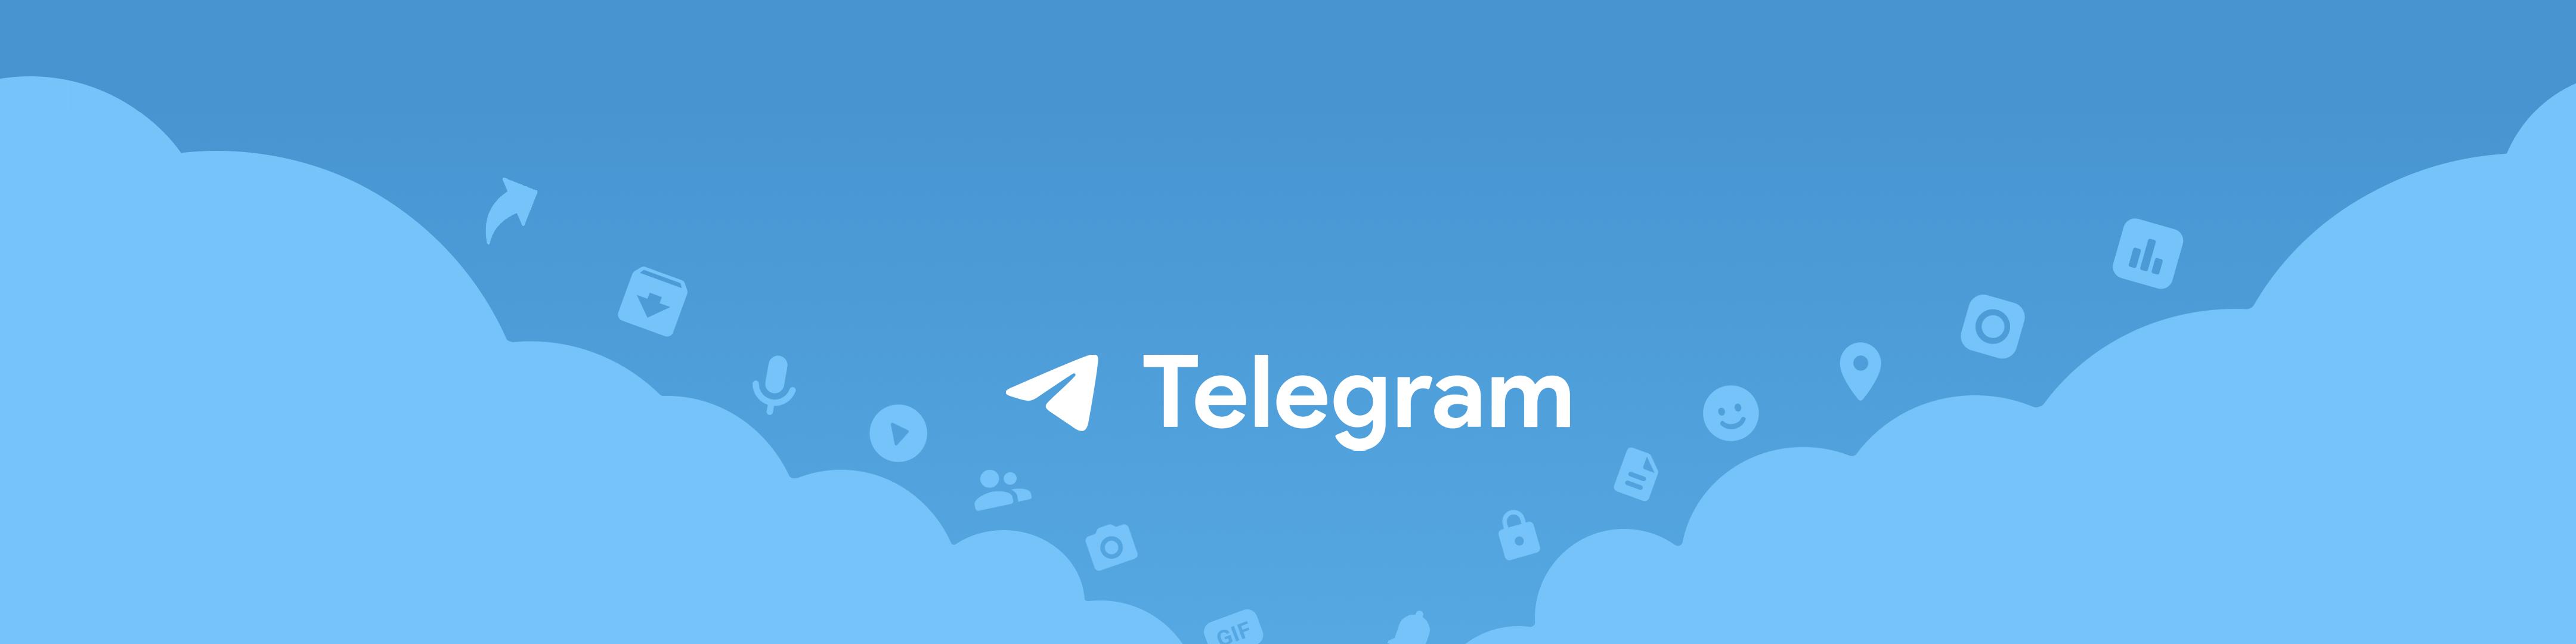 Telegram Messenger - Revenue & Download estimates - Apple